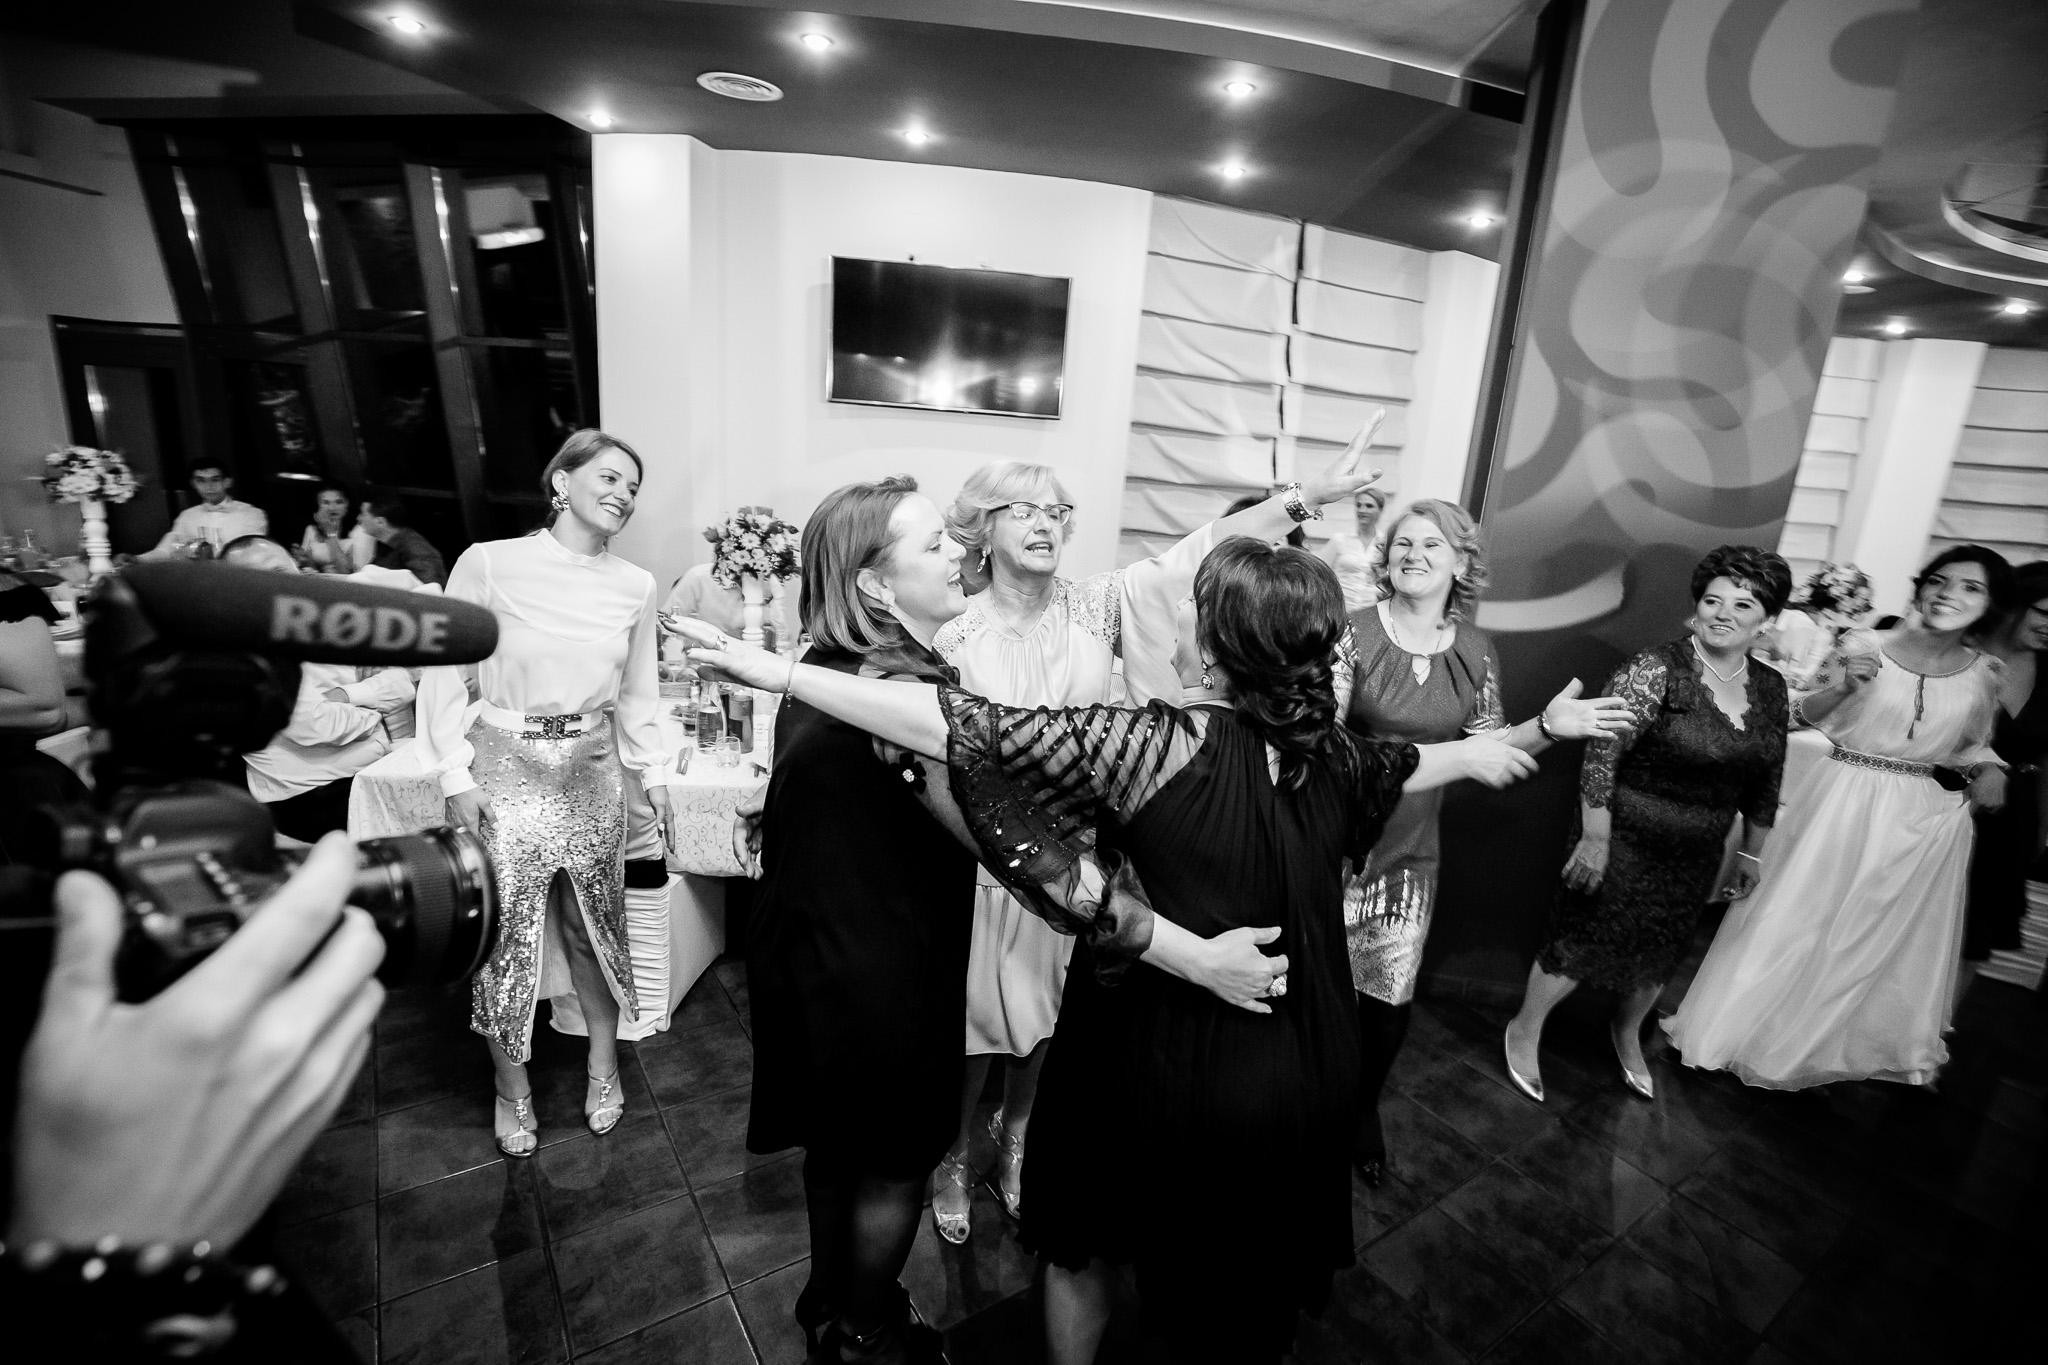 Nuntă tradițională Elisabeta și Alexandru fotograf profesionist nunta Iasi www.paulpadurariu.ro © 2018 Paul Padurariu fotograf de nunta Iasi petrecere 3